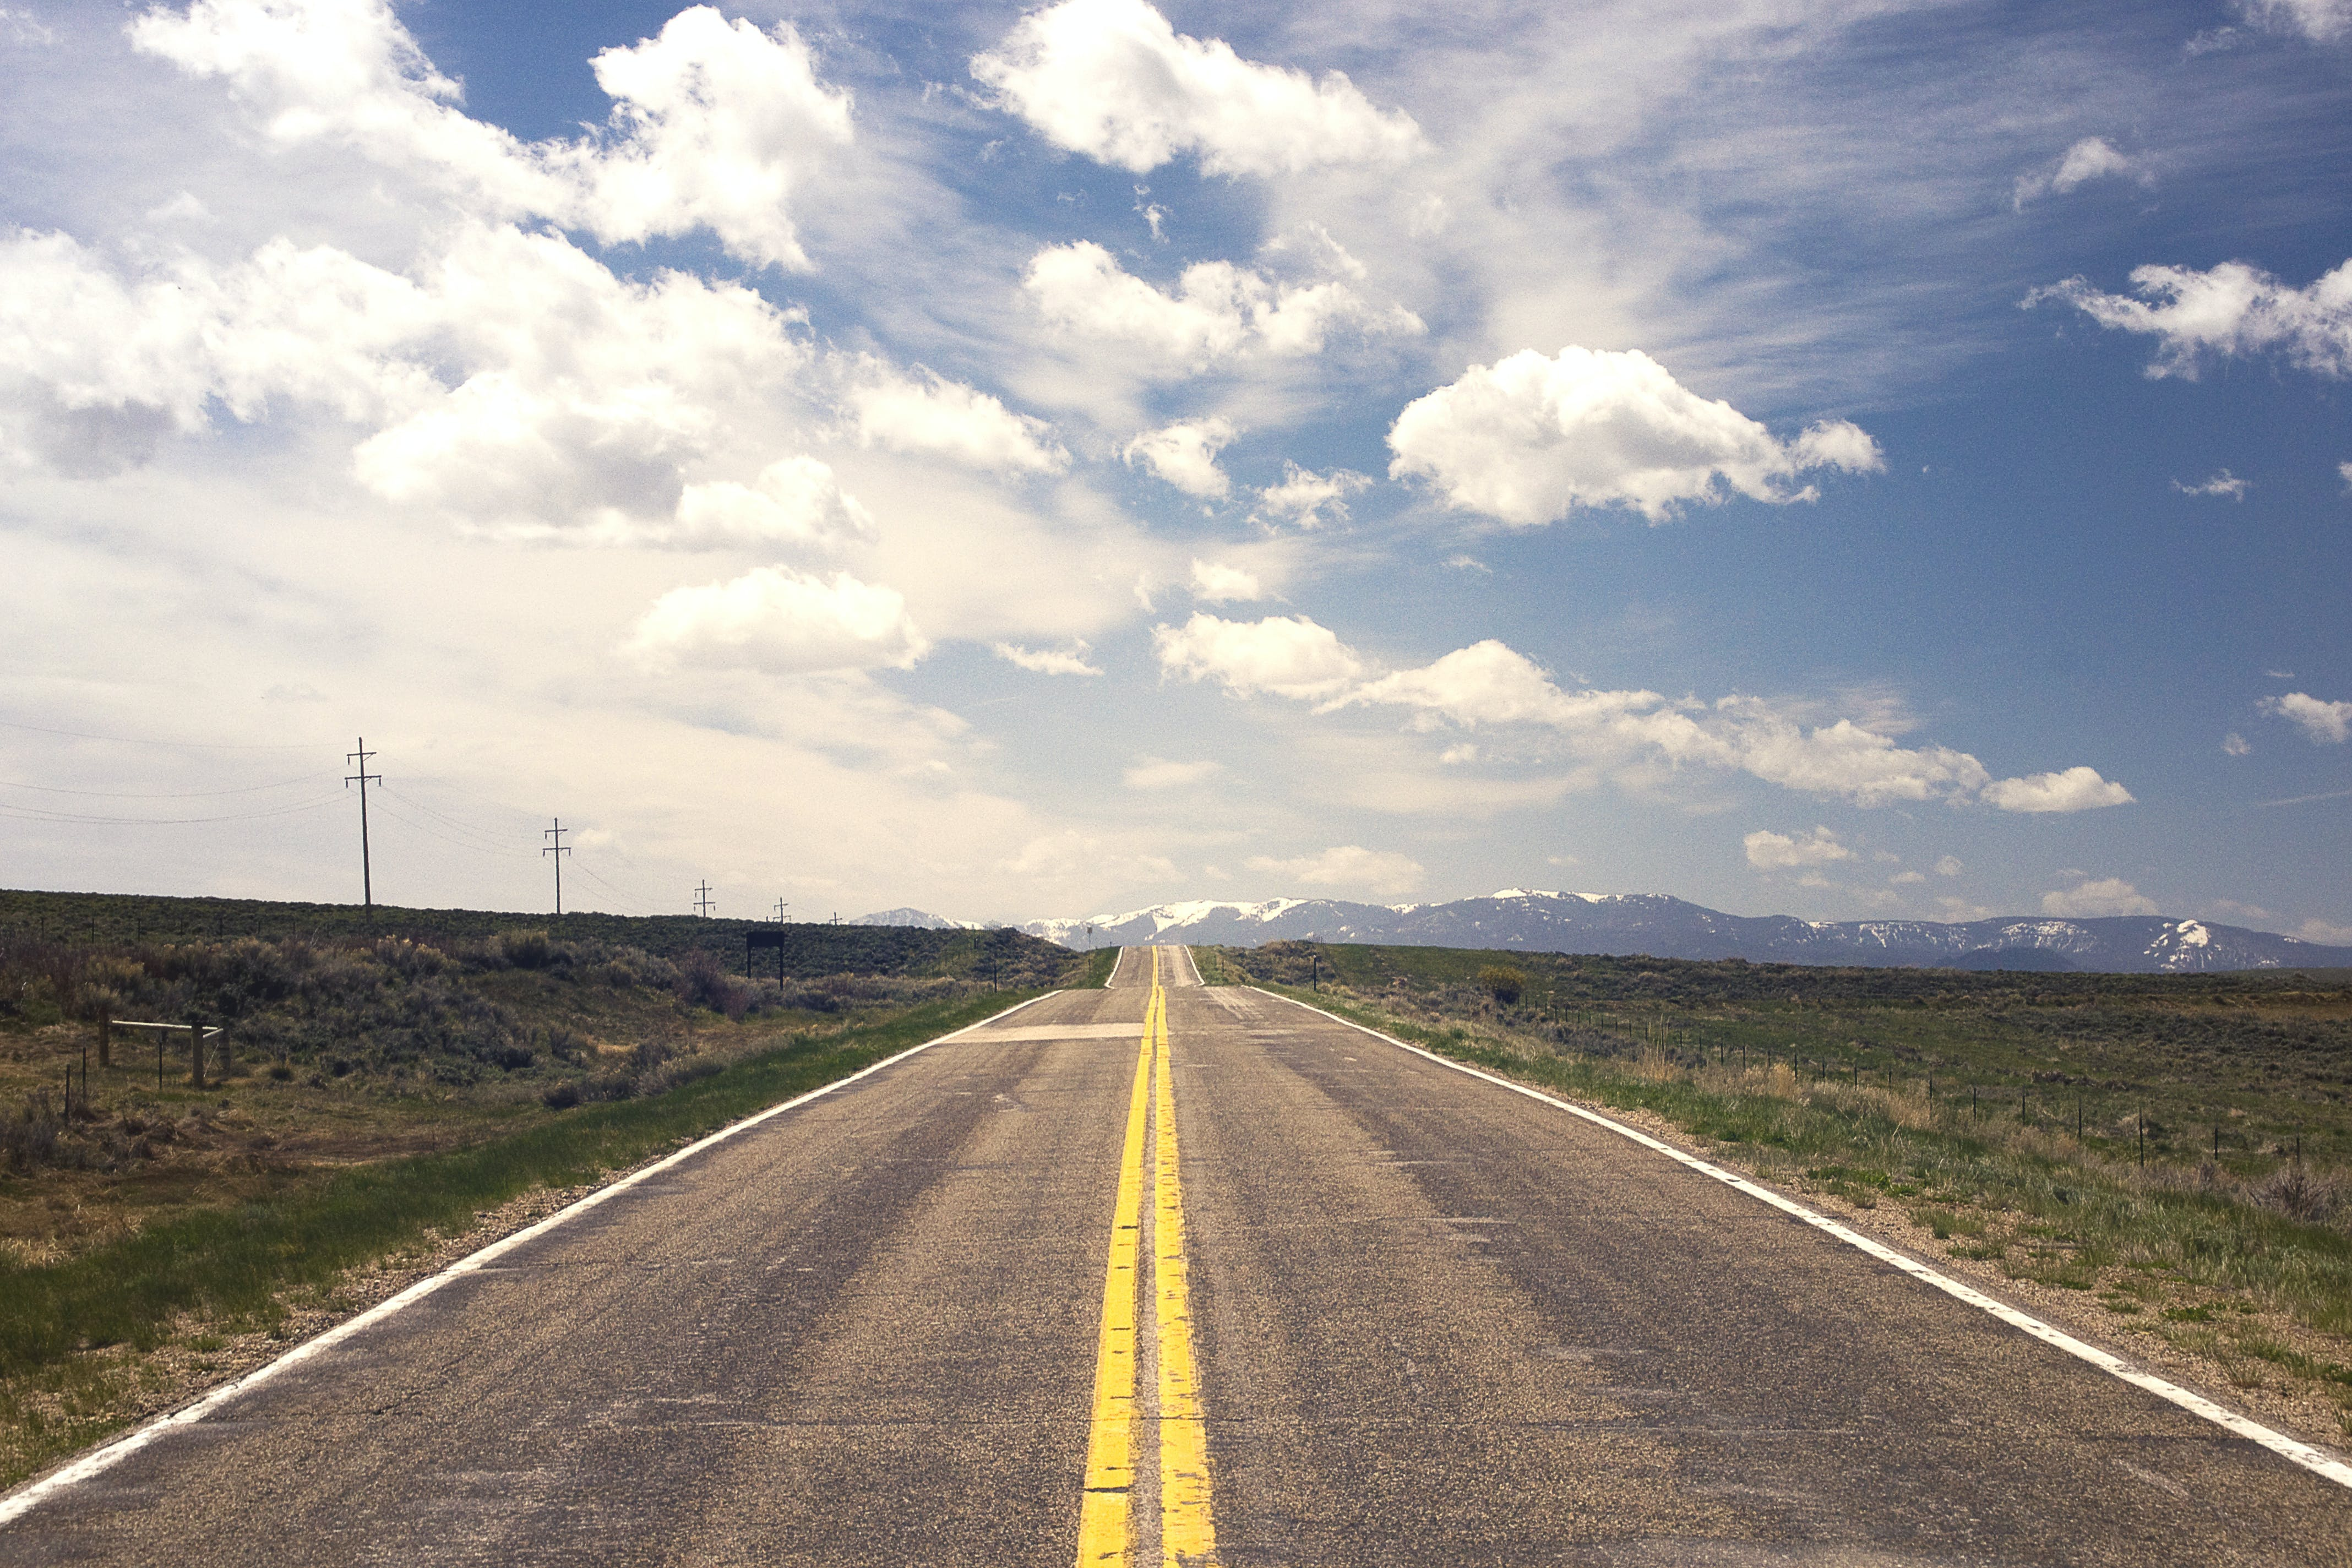 zu asphalt, aspiration, autobahn, berg